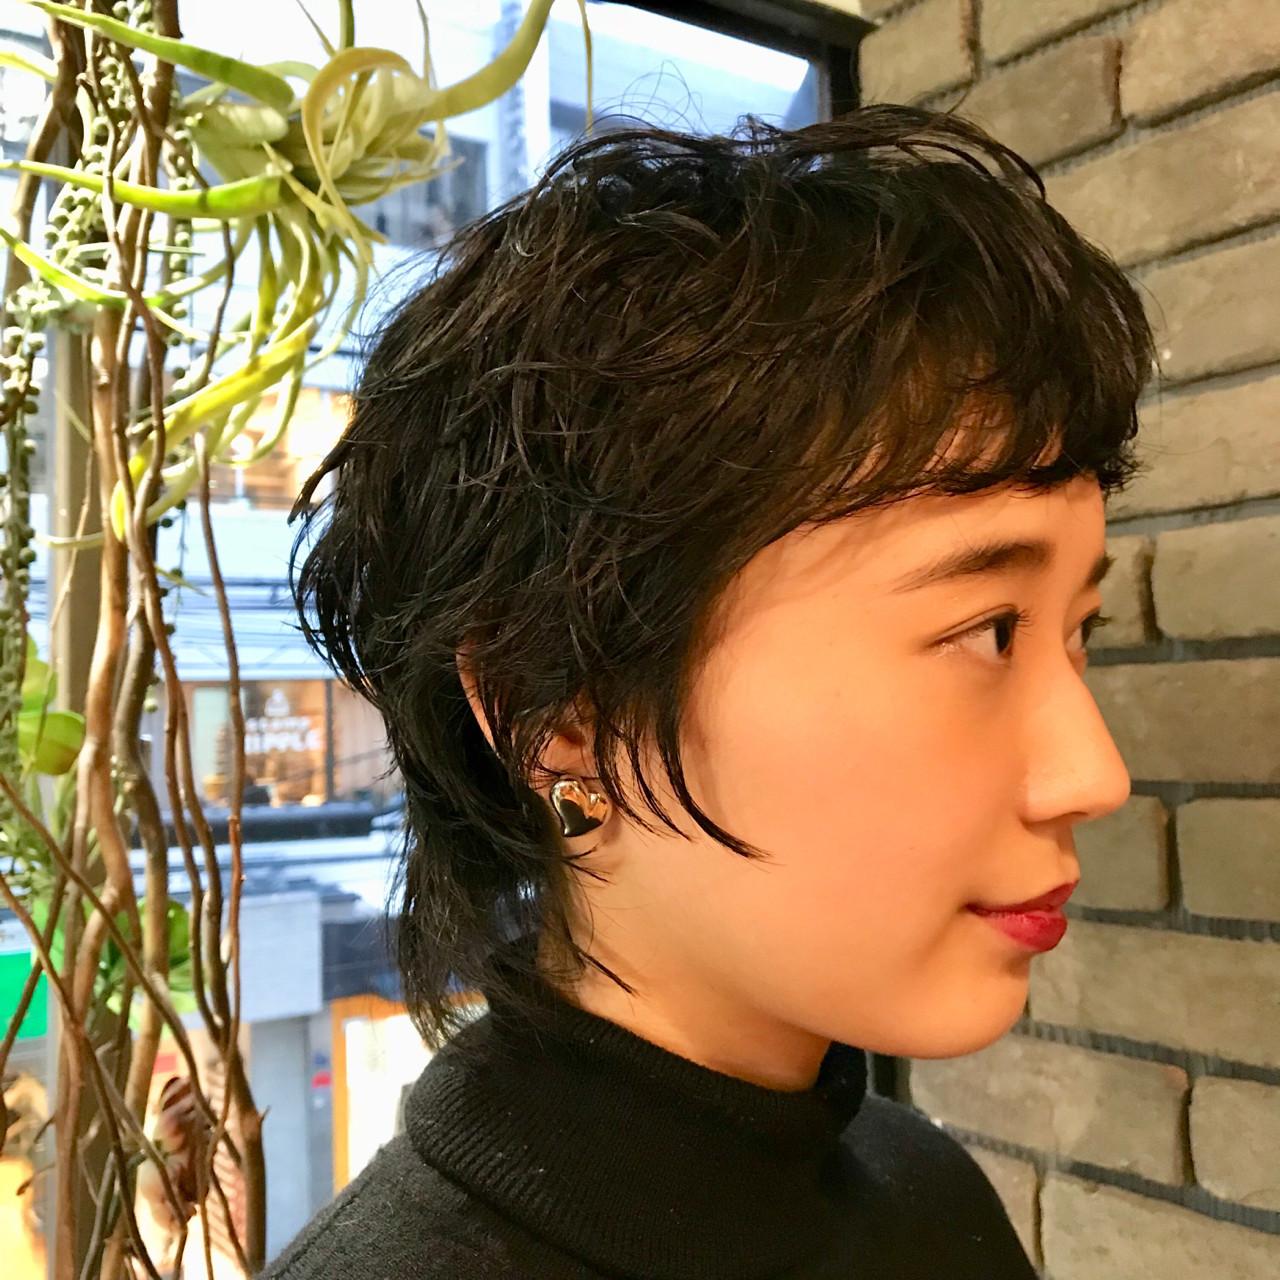 毛先にワンカールの黒髪ショートスタイル 谷川 健太